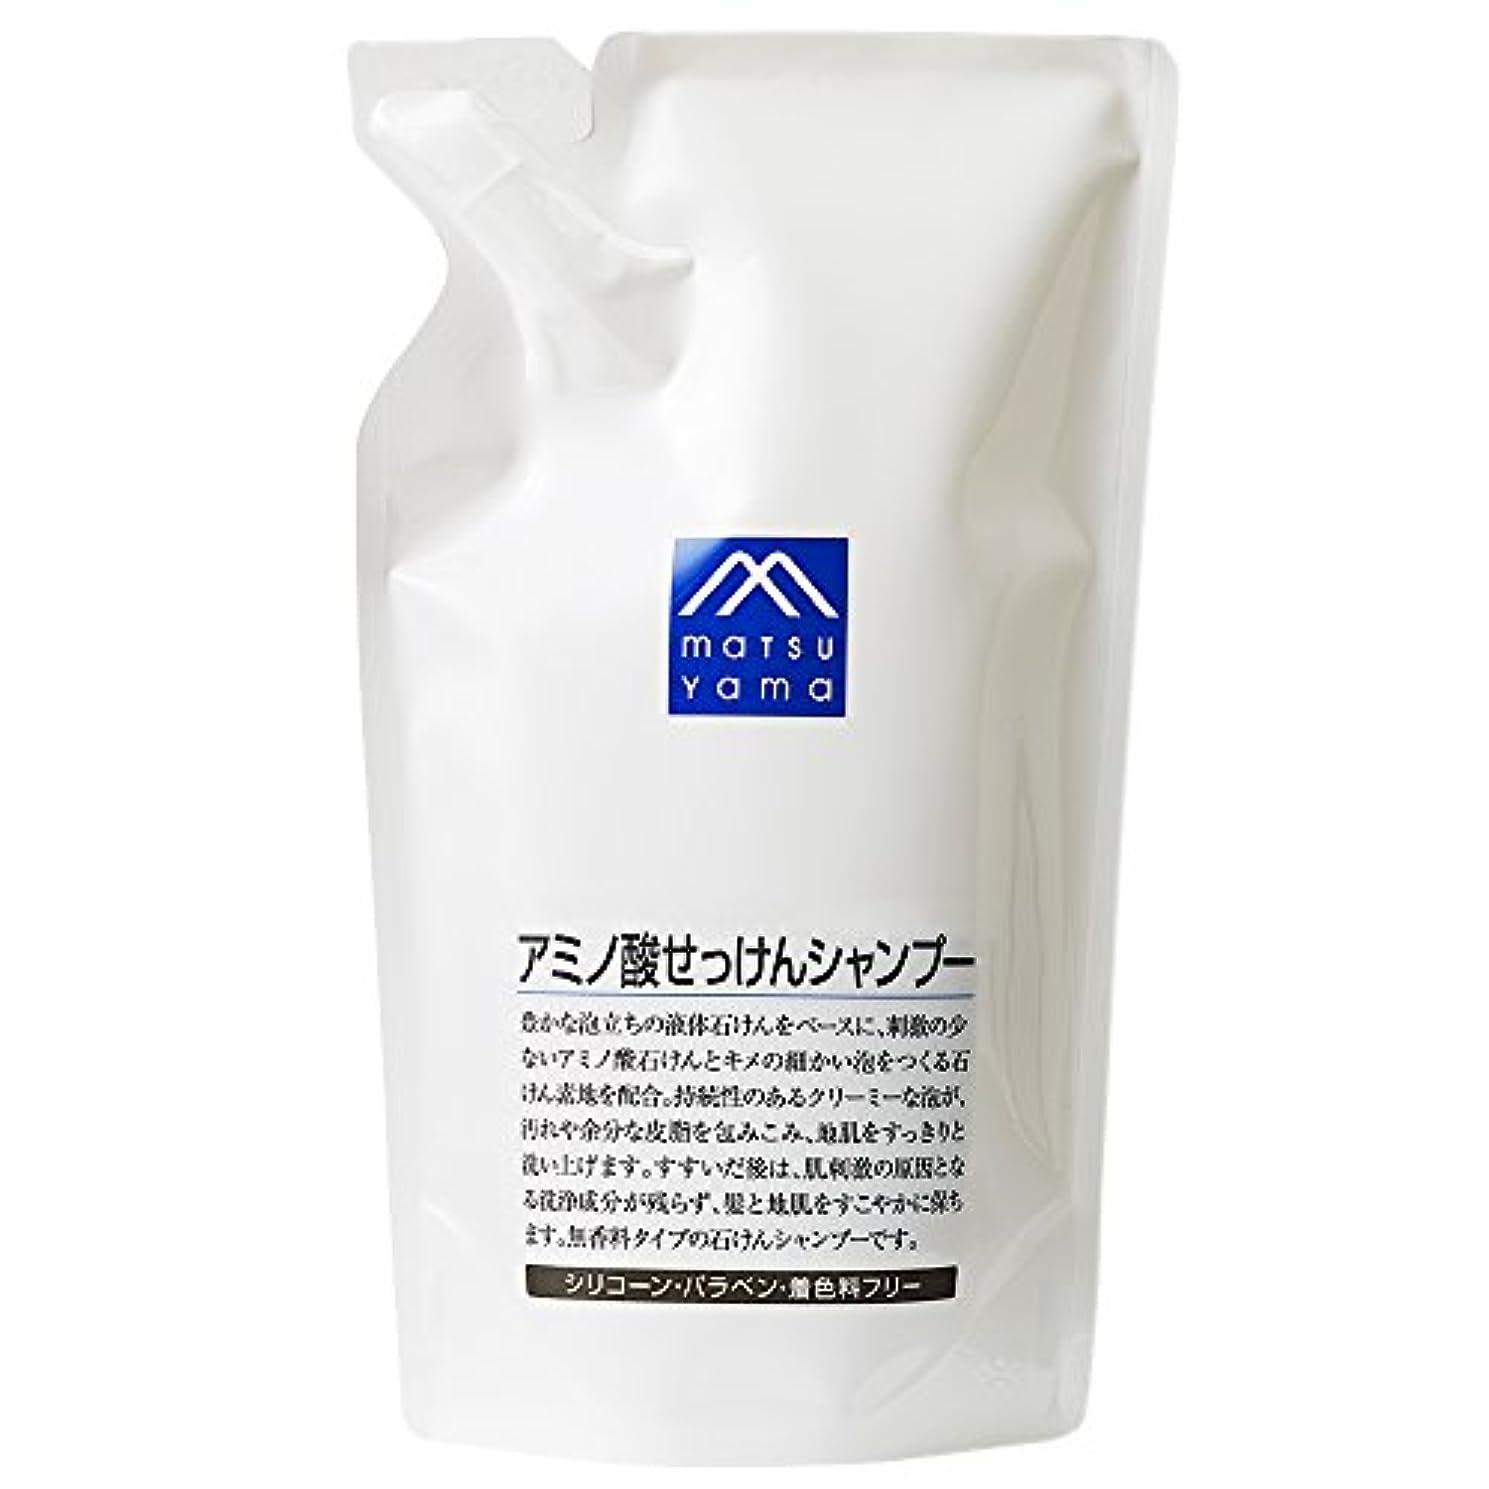 ダイジェストドナー気候の山M-mark アミノ酸せっけんシャンプー 詰替用